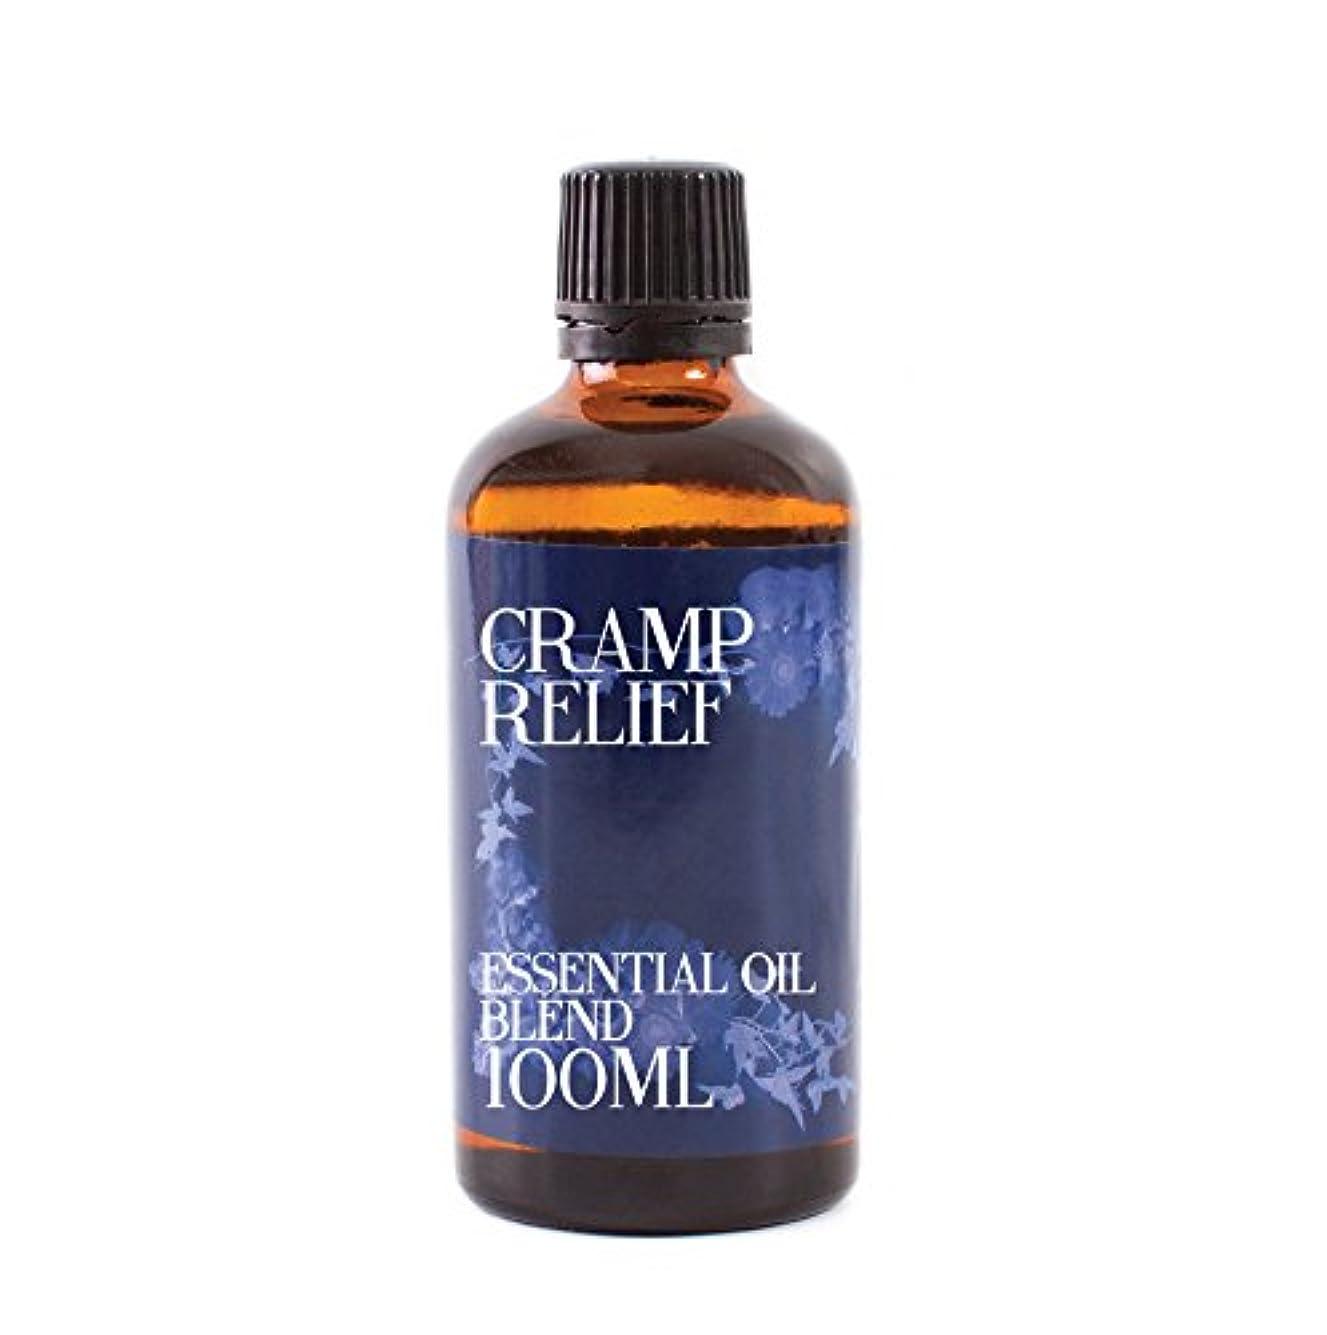 困惑した悲しむ馬鹿げたMystix London   Cramp Relief Essential Oil Blend - 100ml - 100% Pure